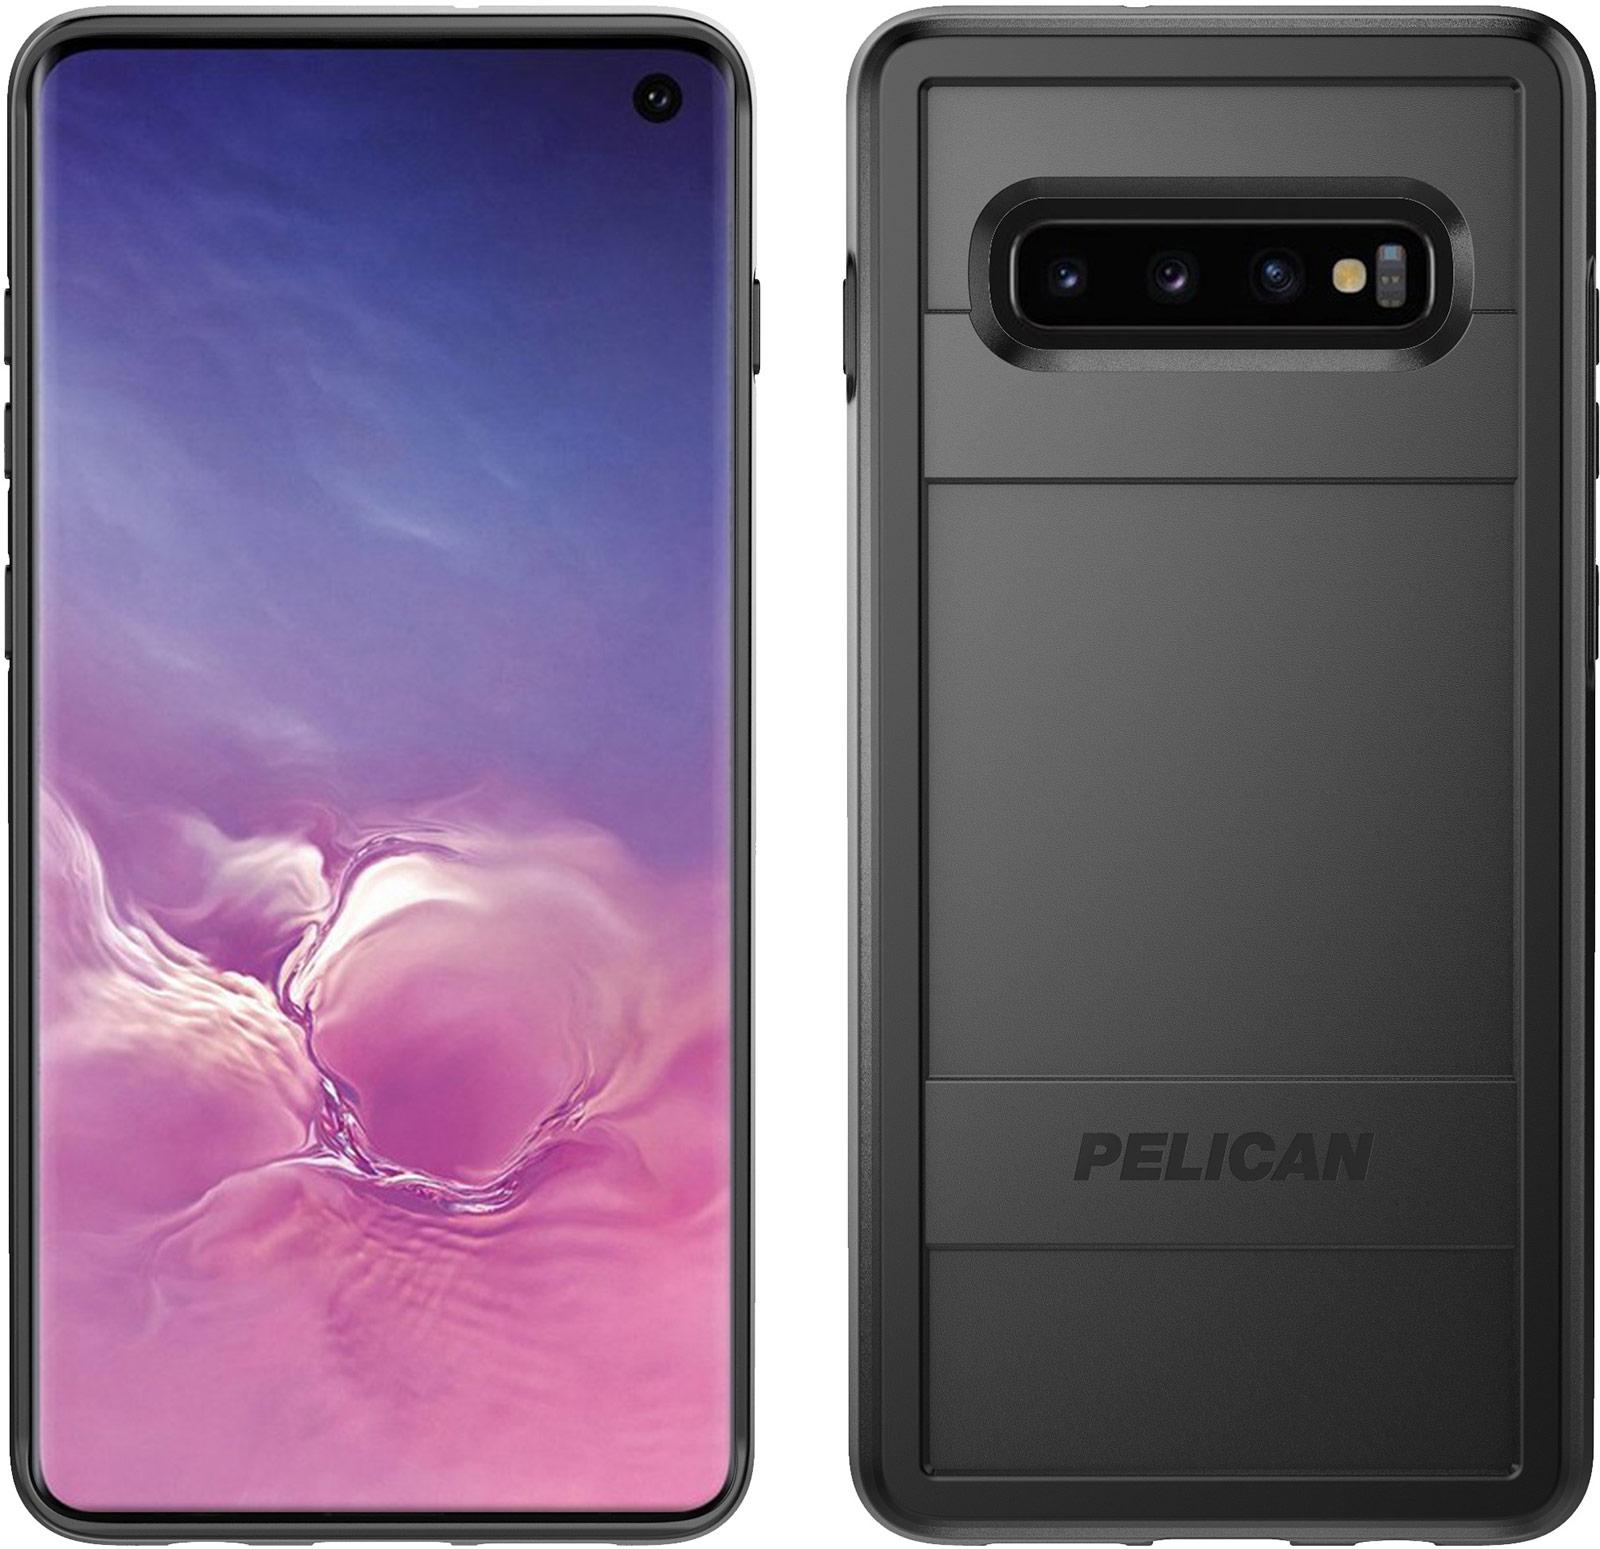 pelican samsung galaxy s10 protector phone case